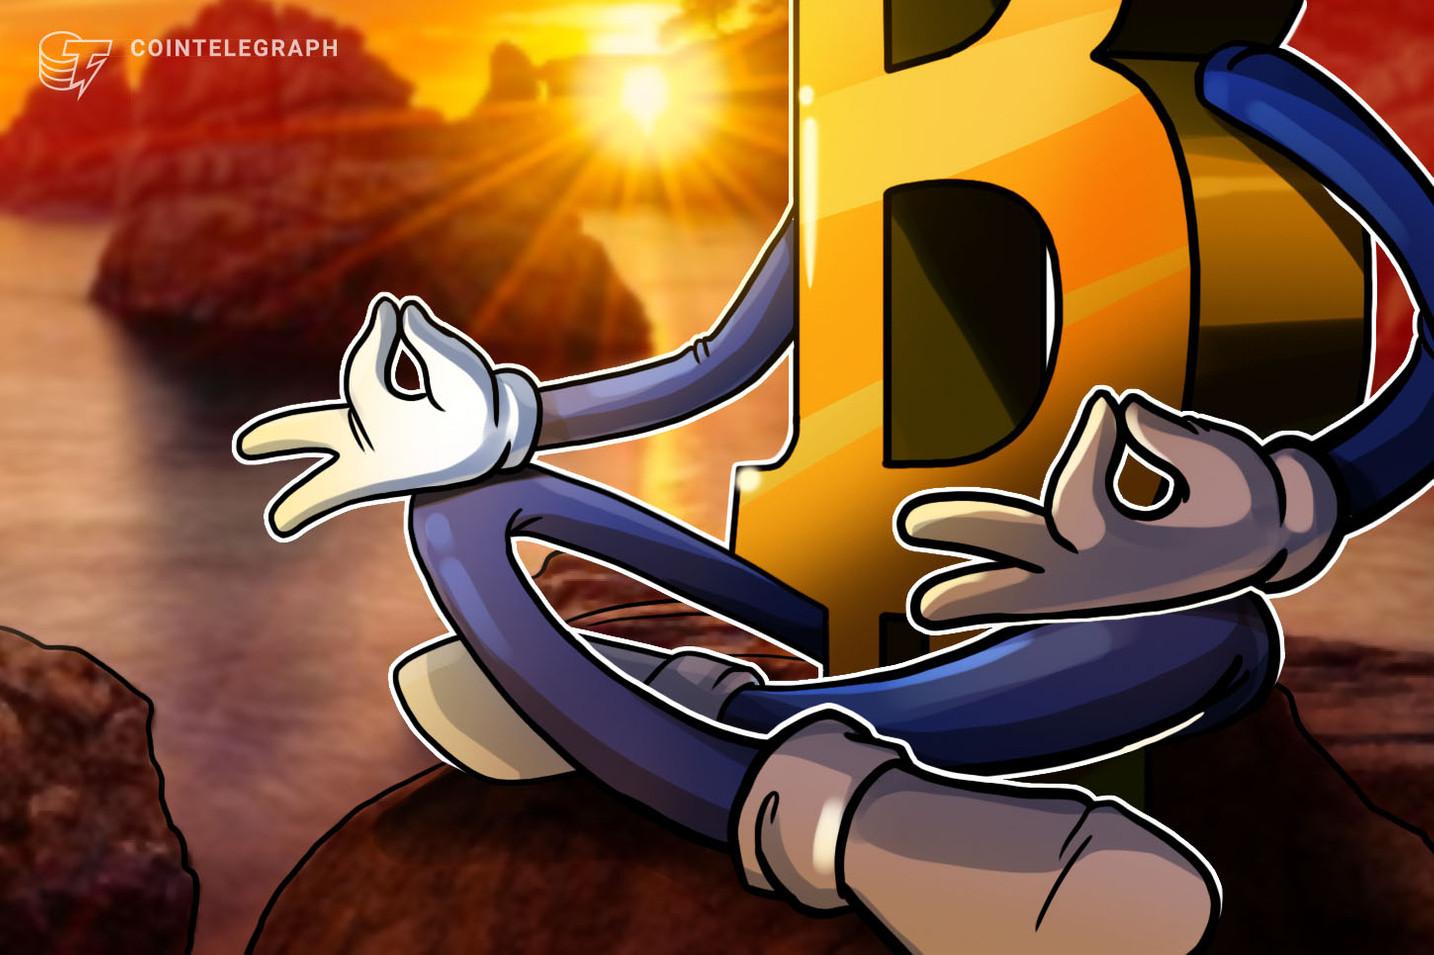 Analista: El precio de Bitcoin podría caer por debajo de los USD 8,500